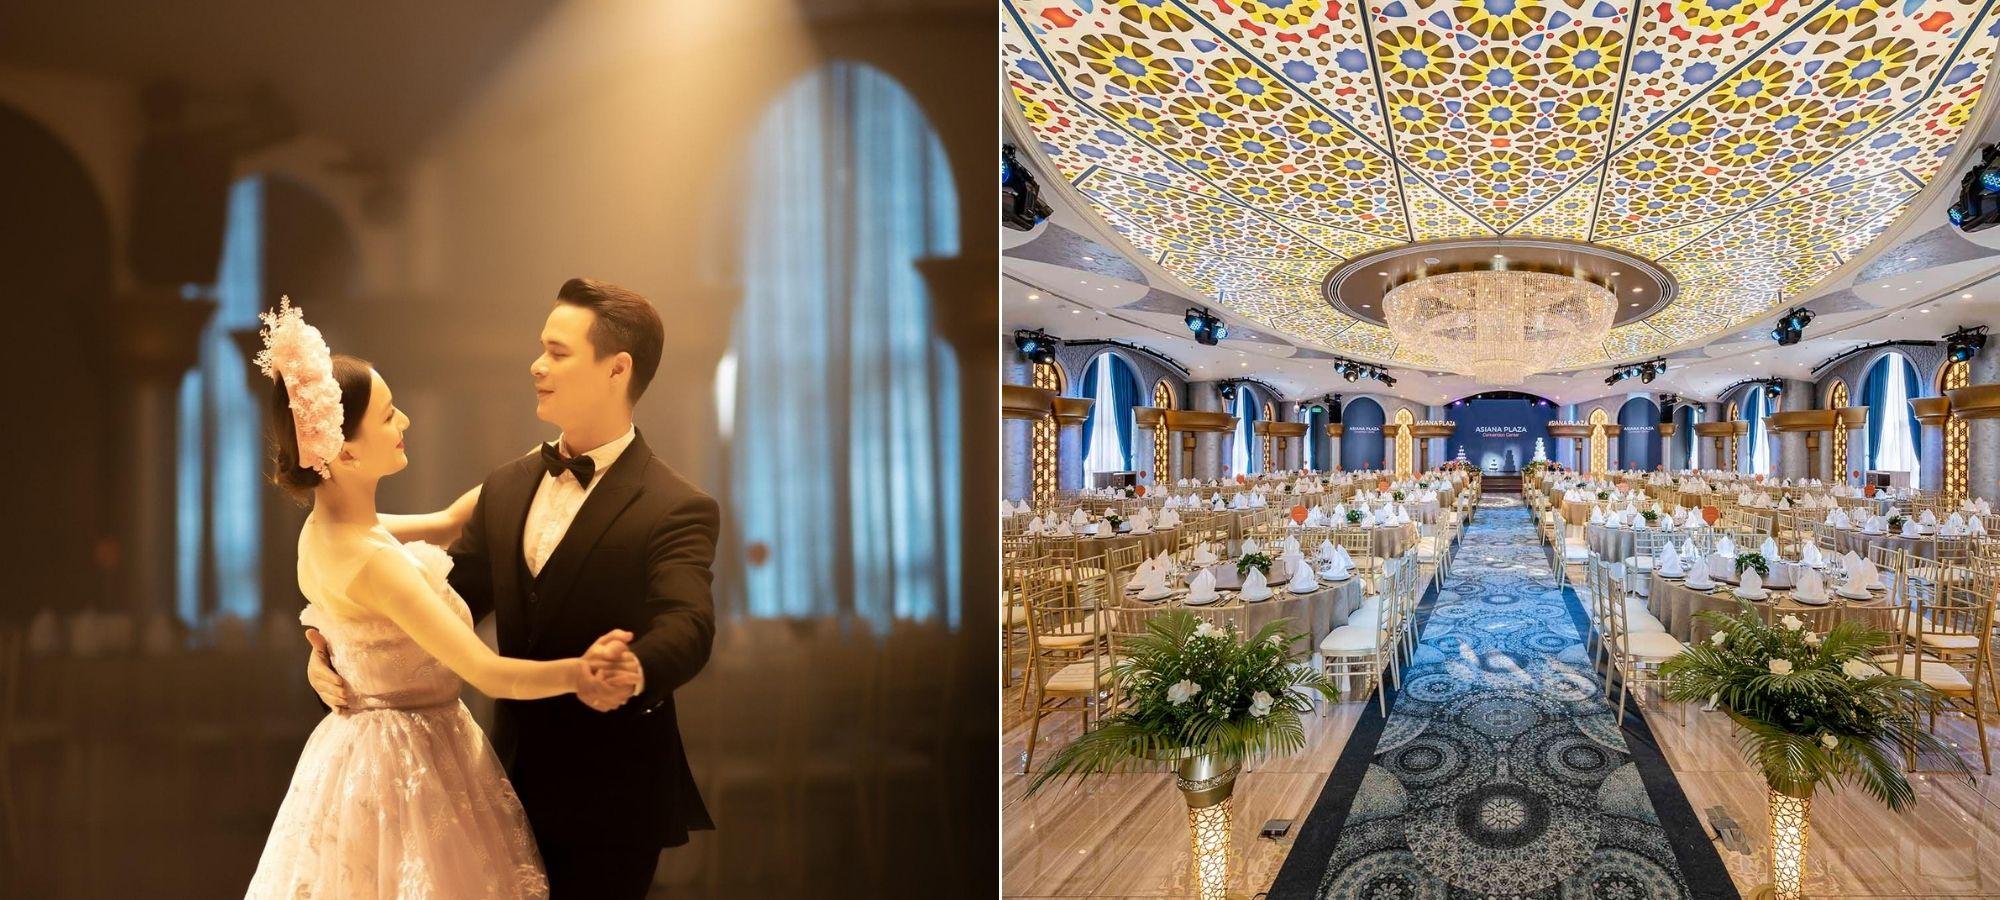 Nhà hàng tiệc cưới Asiana Plaza Tân Phú